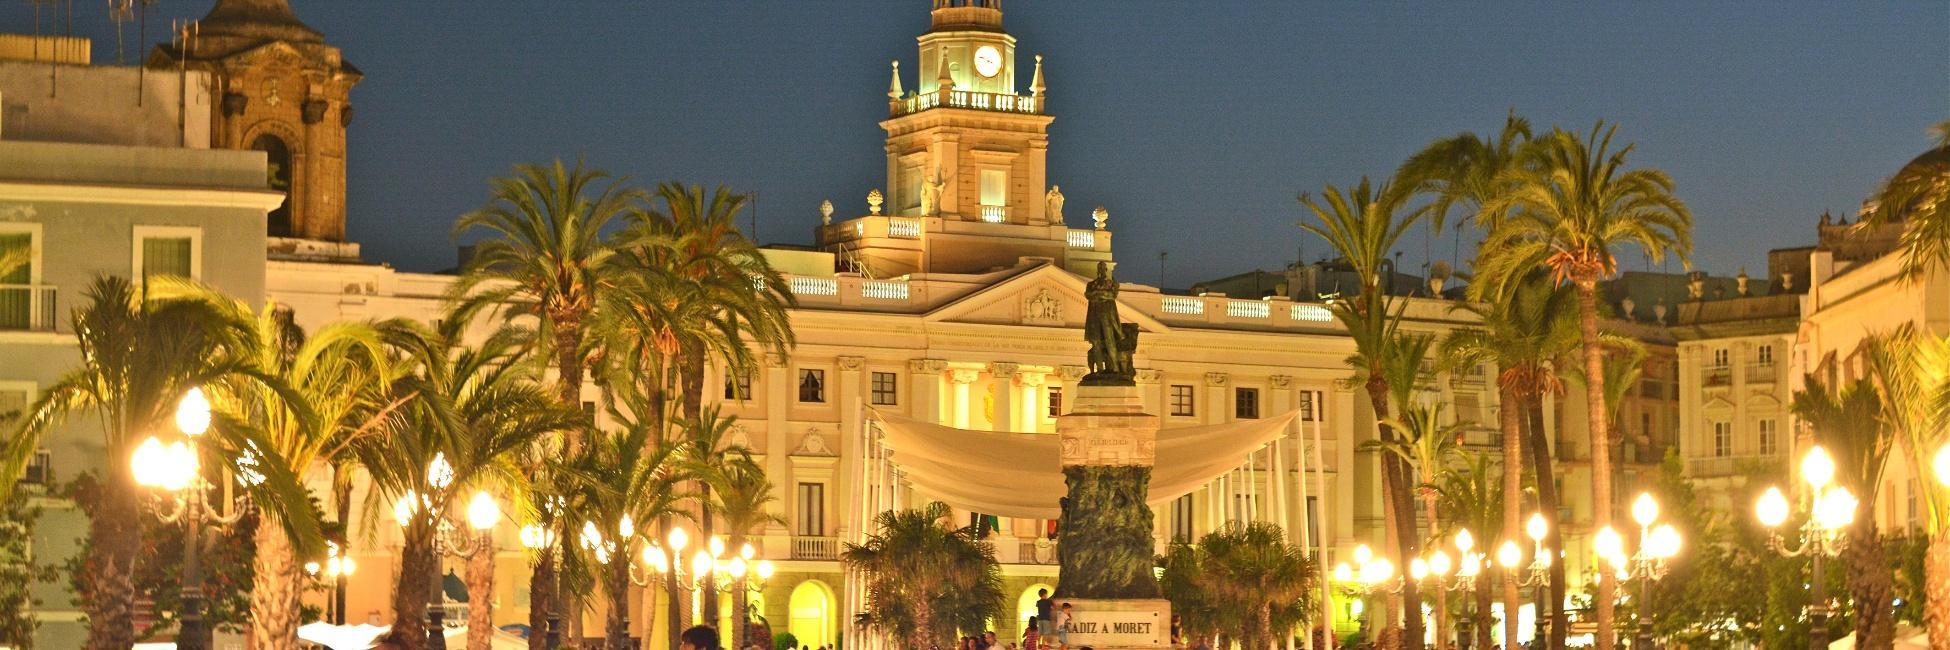 Nuit à Cadix en Espagne